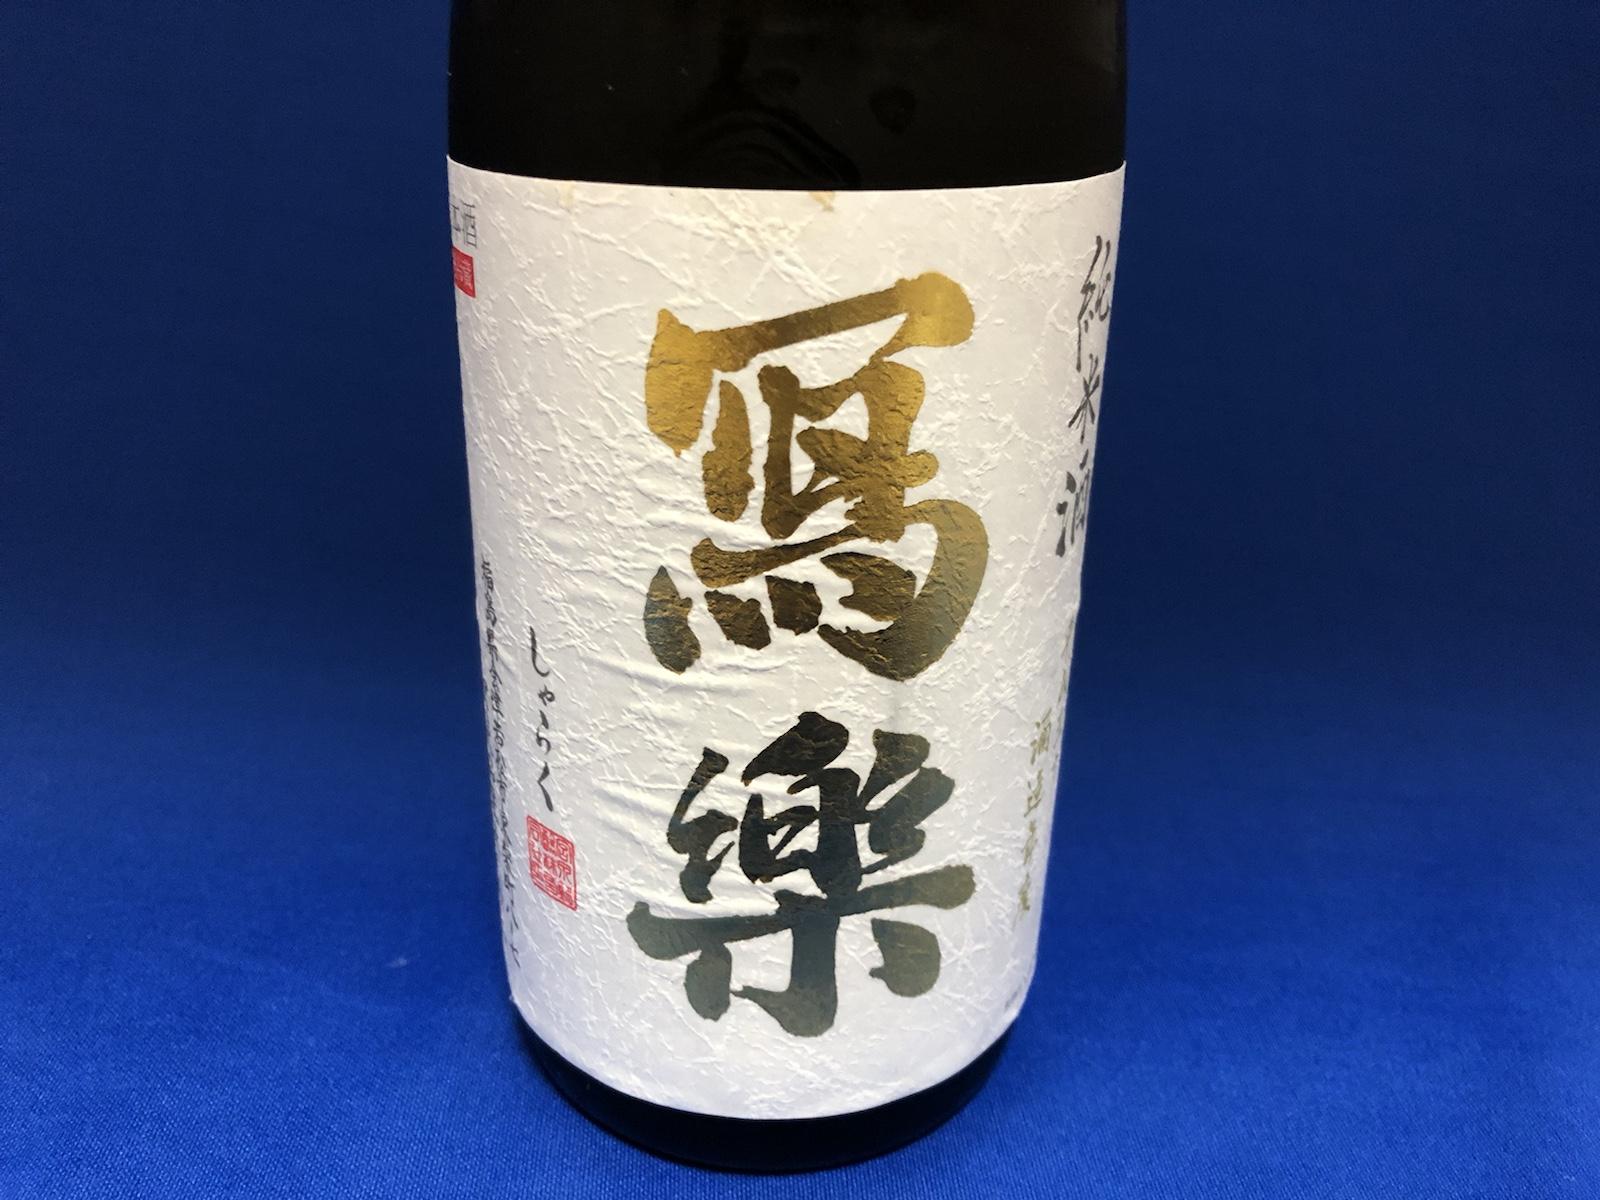 酒造りへのこだわりが復活させた会津の銘酒!「寫樂」純米酒